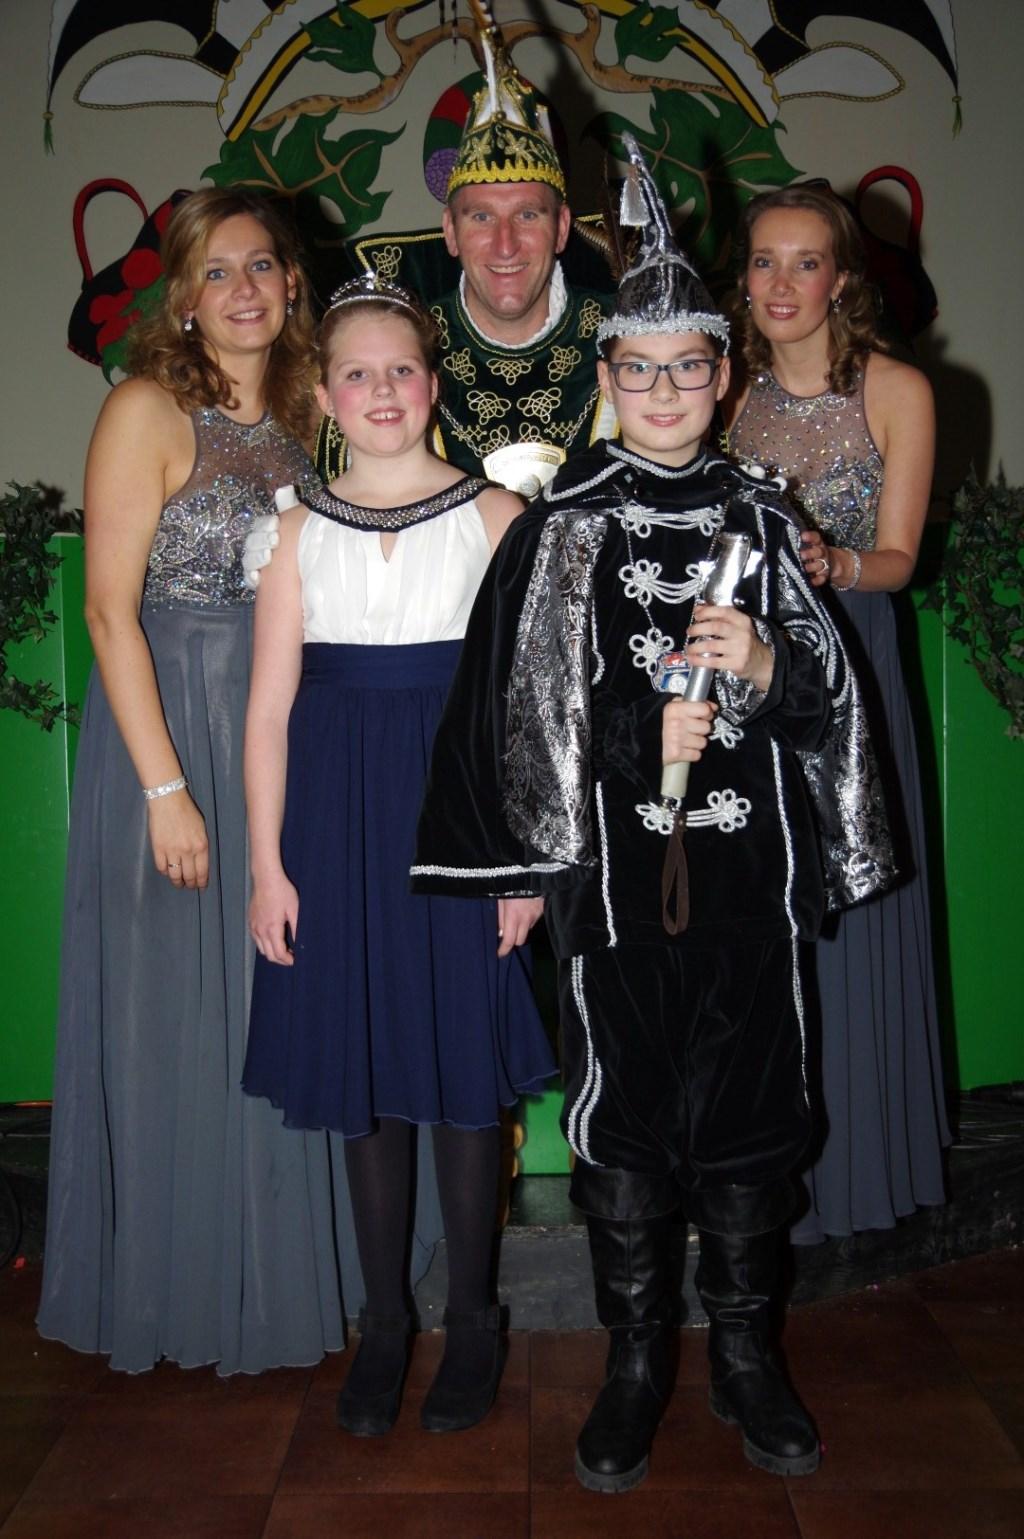 Prins en Jeugdprins met Hofdames en Prinses (foto: Peter Ariese)